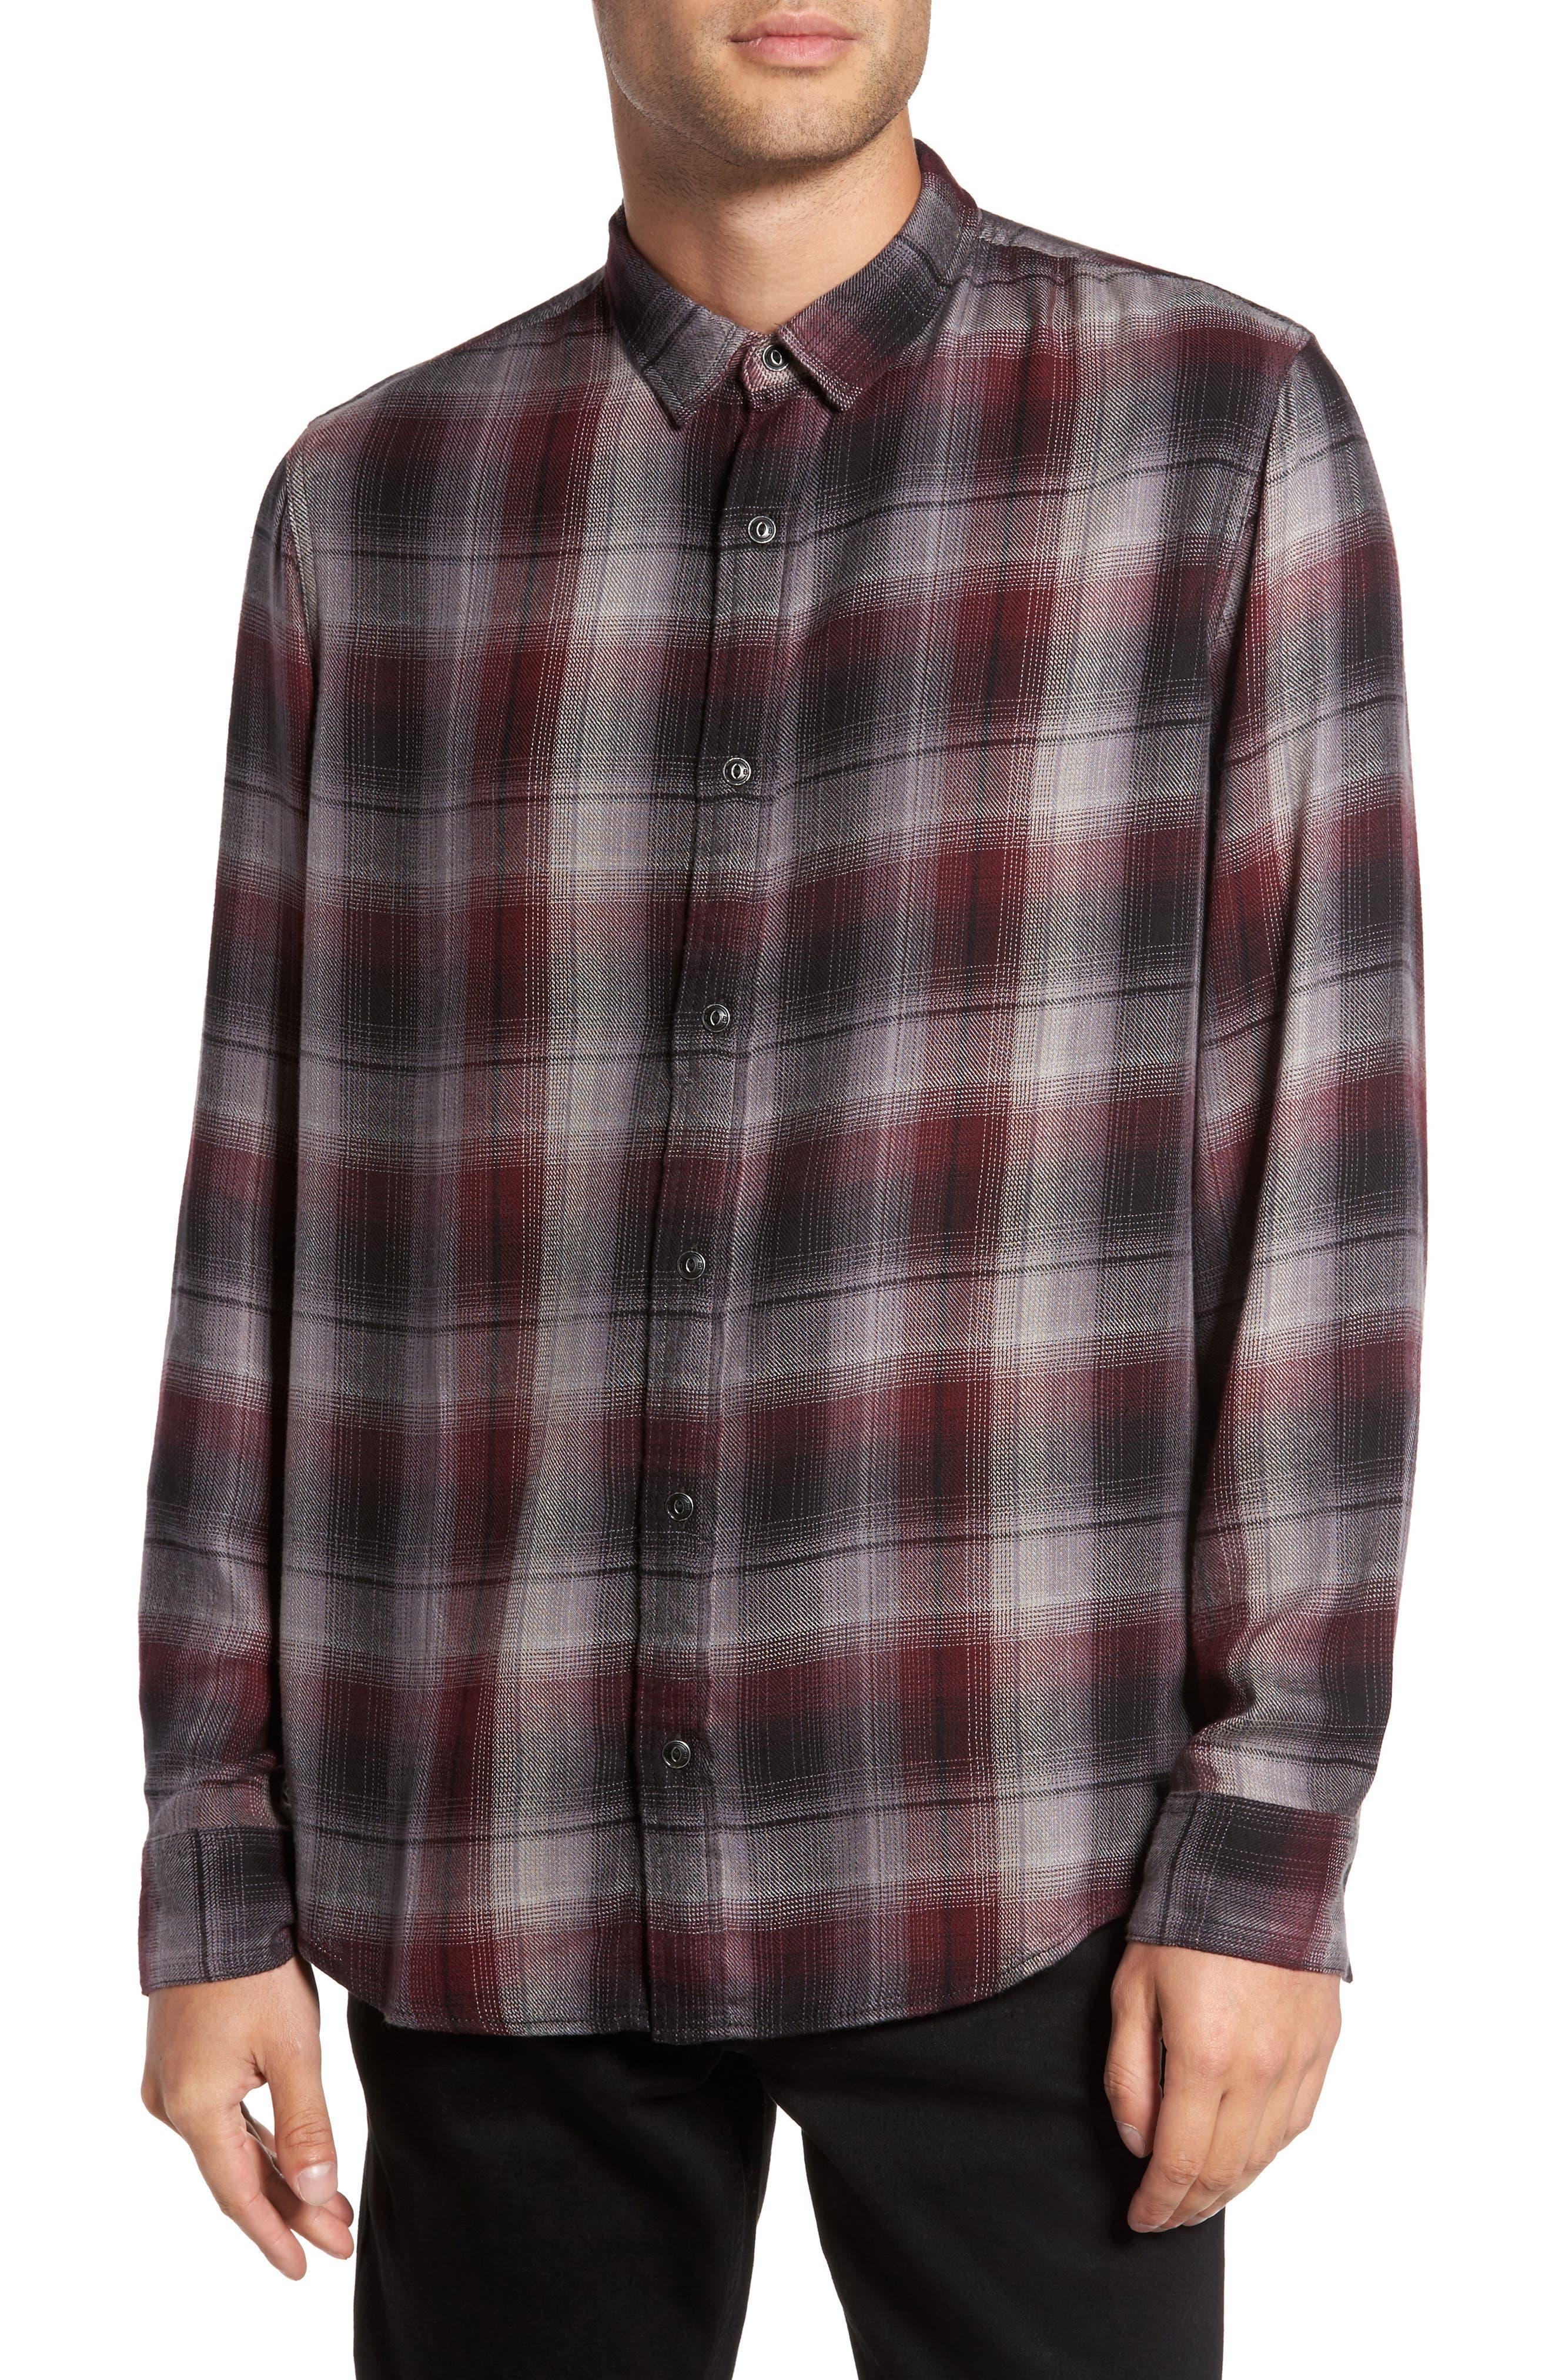 Virgil Ombré Plaid Sport Shirt,                             Main thumbnail 1, color,                             Black Burgundy Ombre Plaid